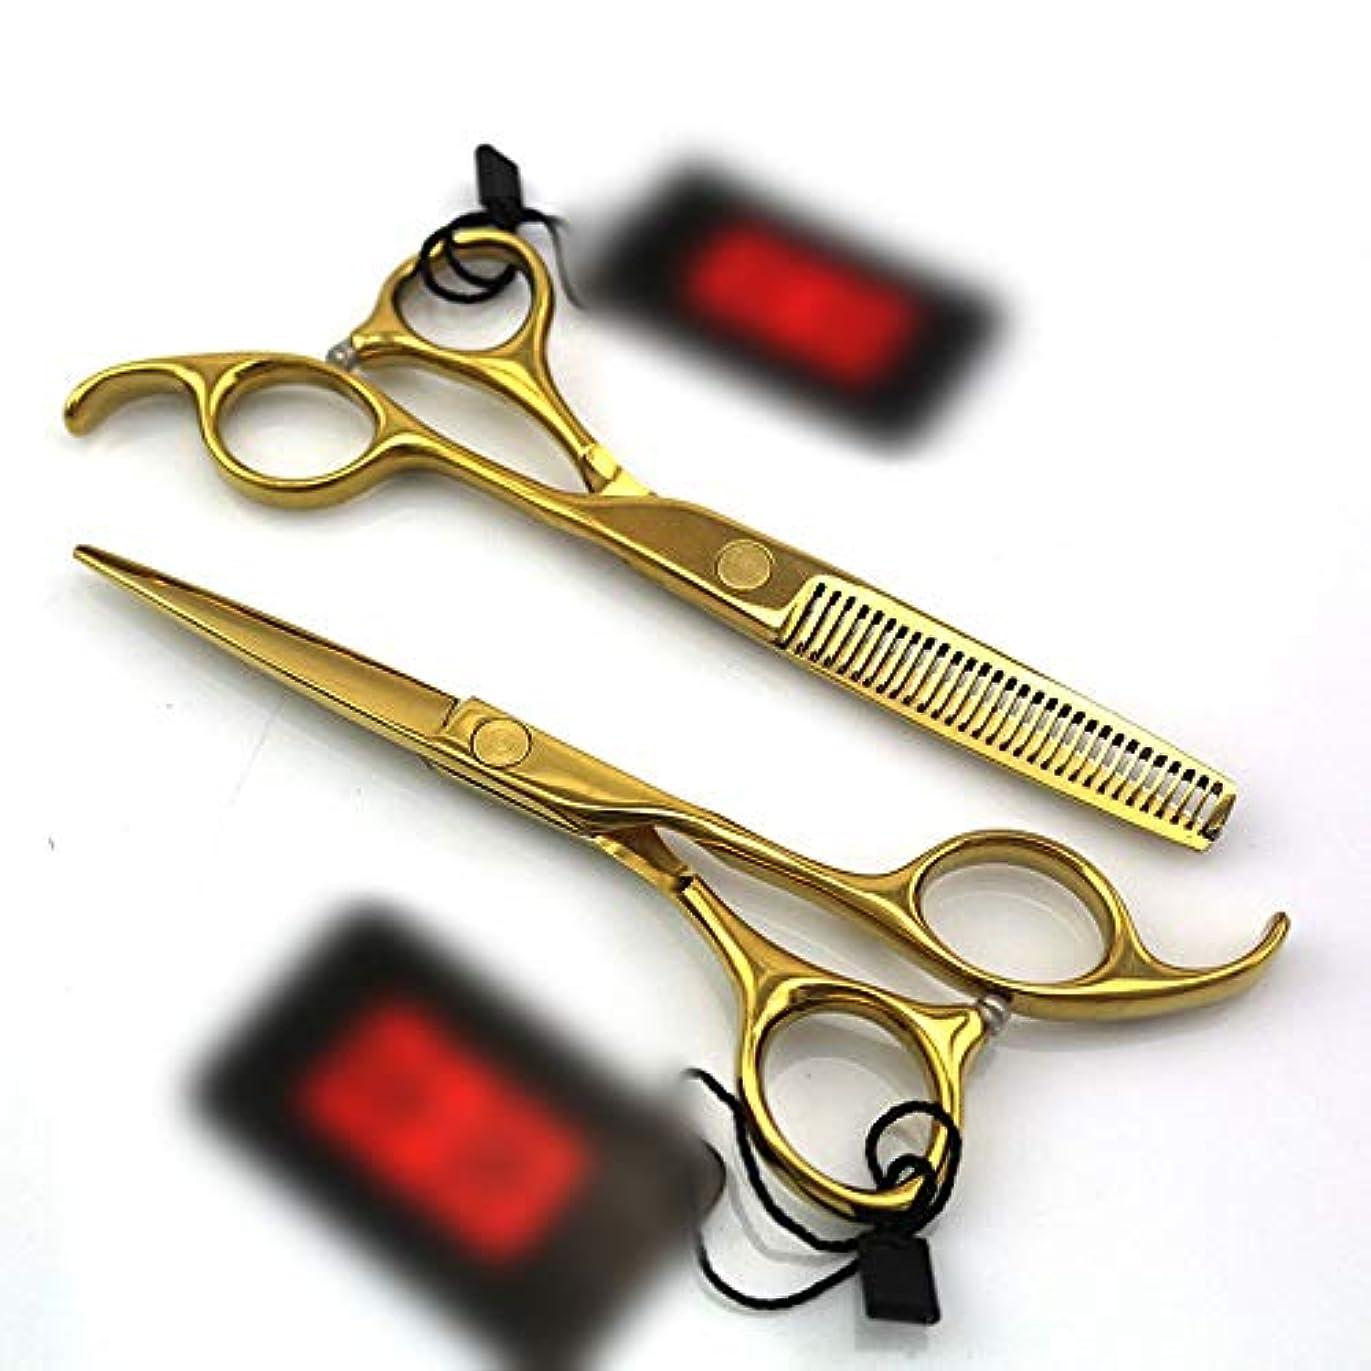 懸念覗くパキスタン人5.5インチのまっすぐなハンドルの理髪師のめっきの金の専門の理髪セット ヘアケア (色 : ゴールド)